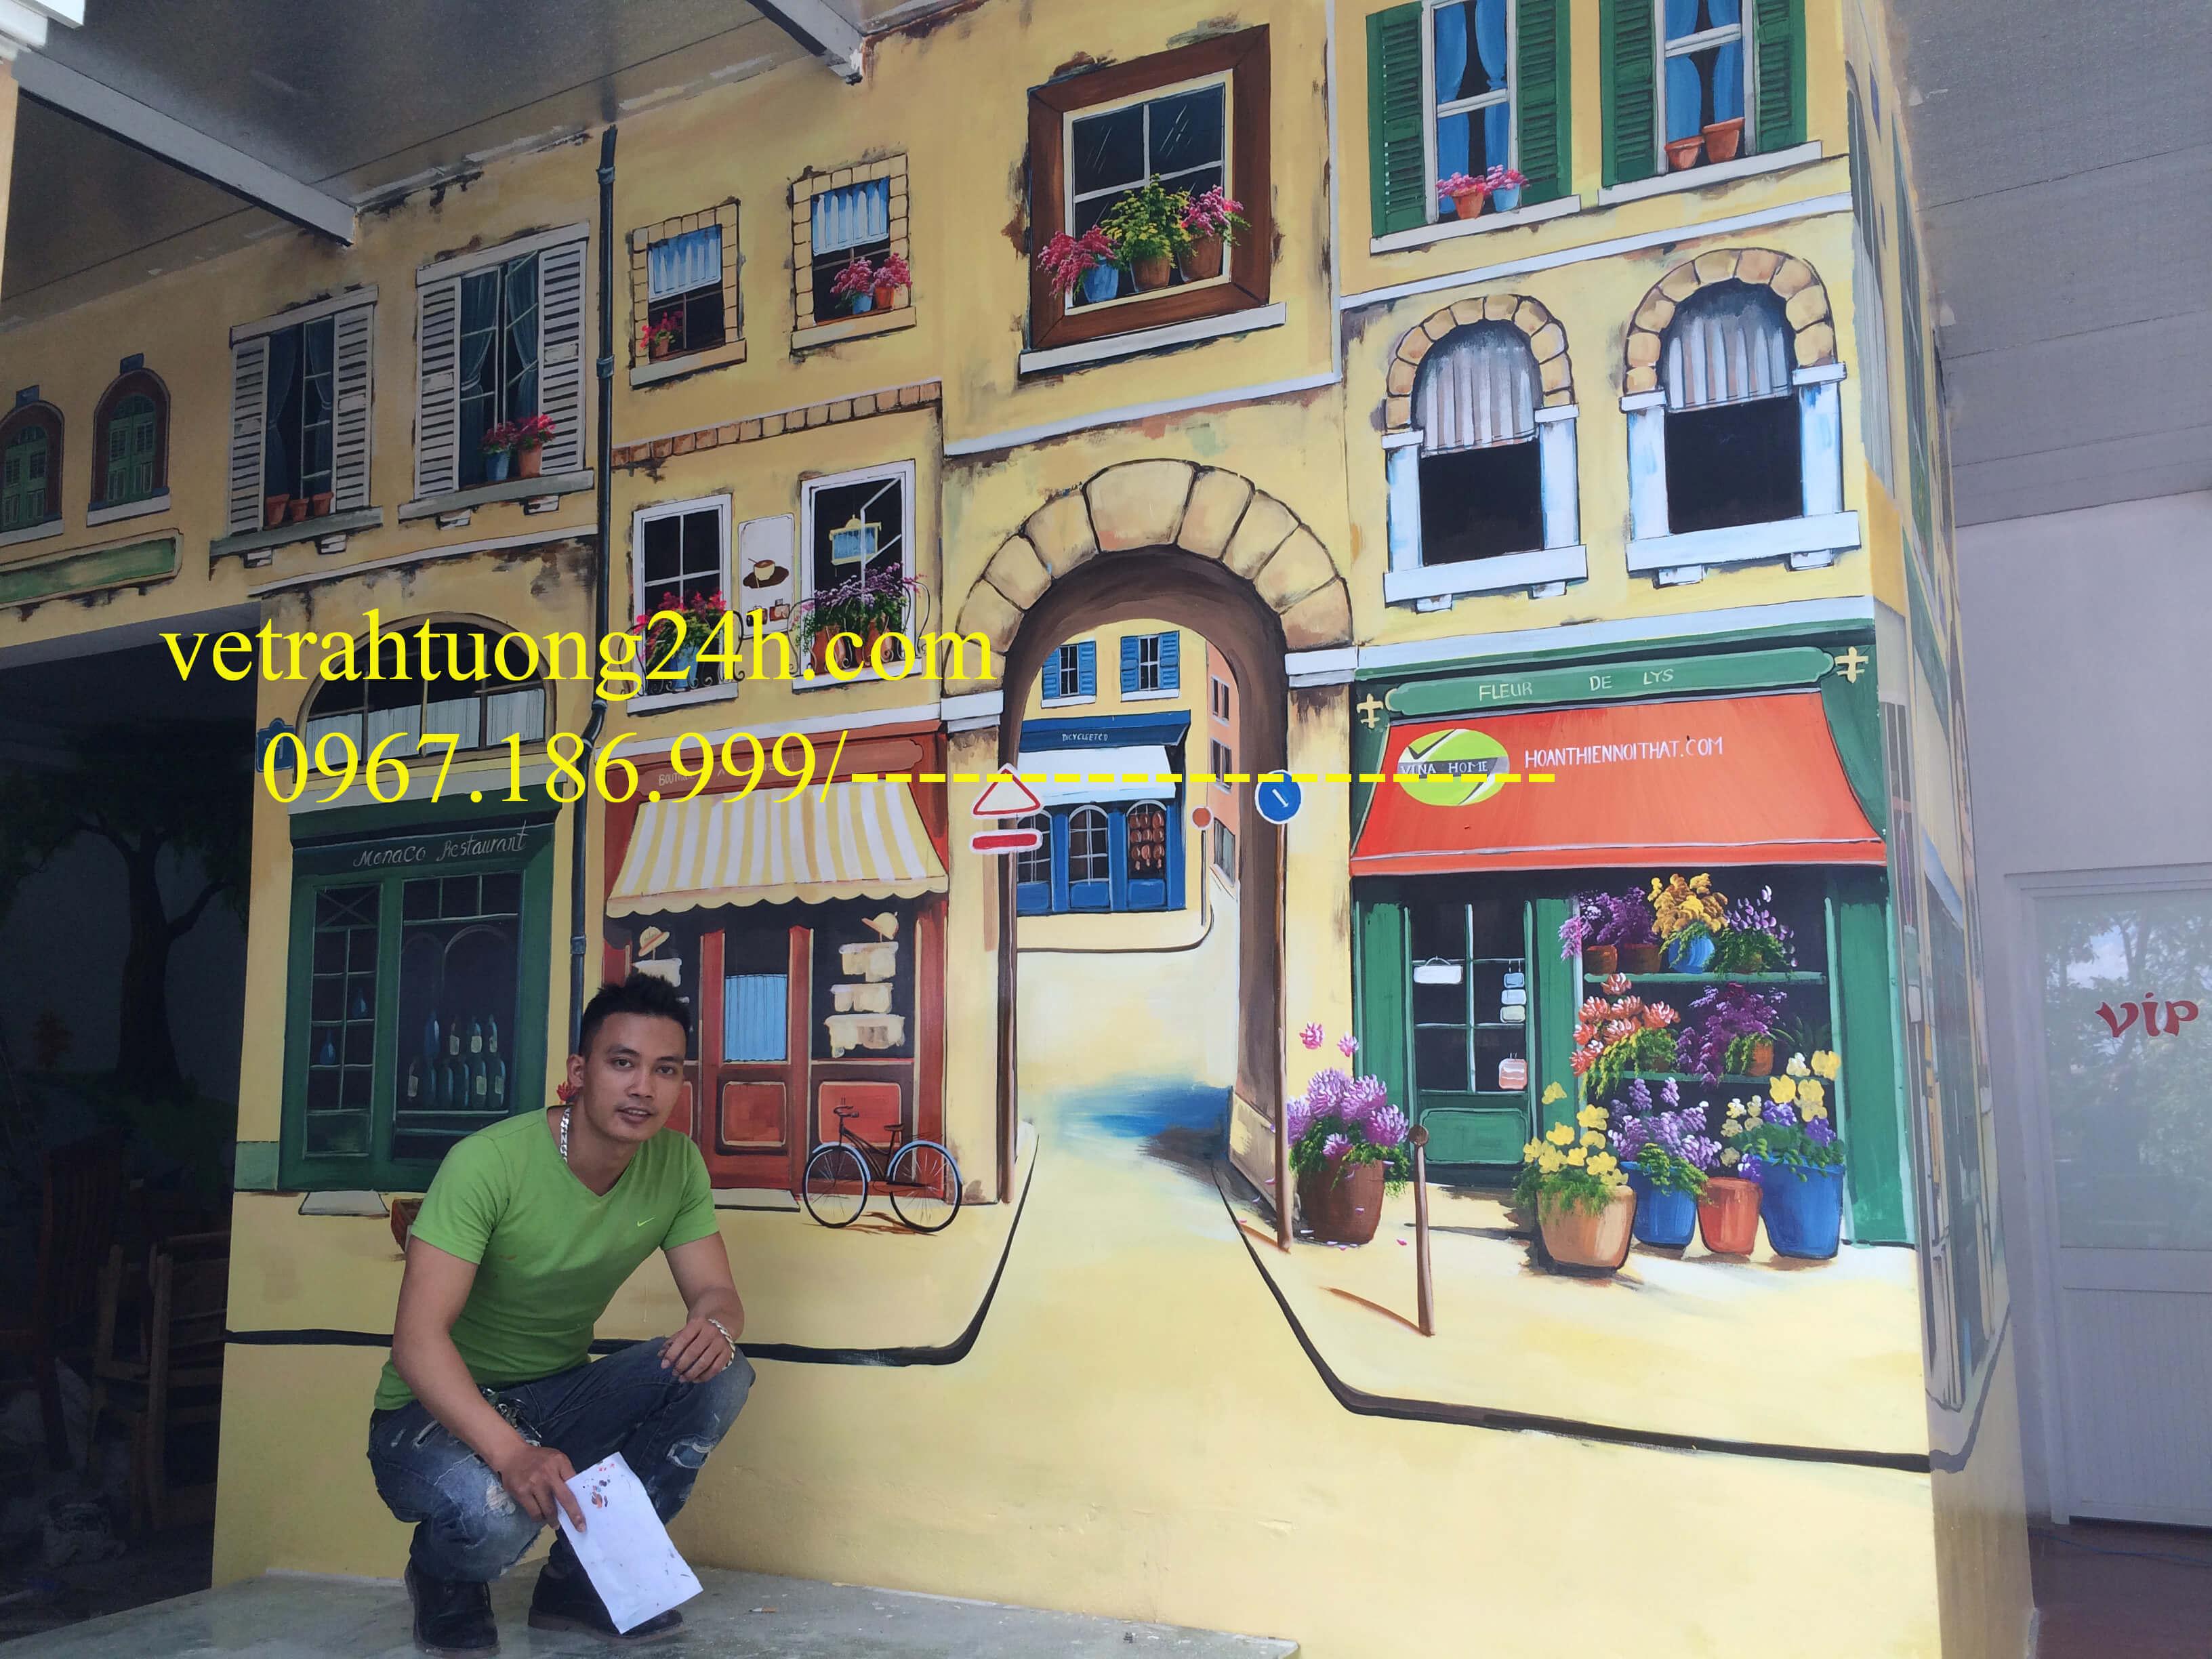 tranh-tuong-nha-hang3d-monacoa